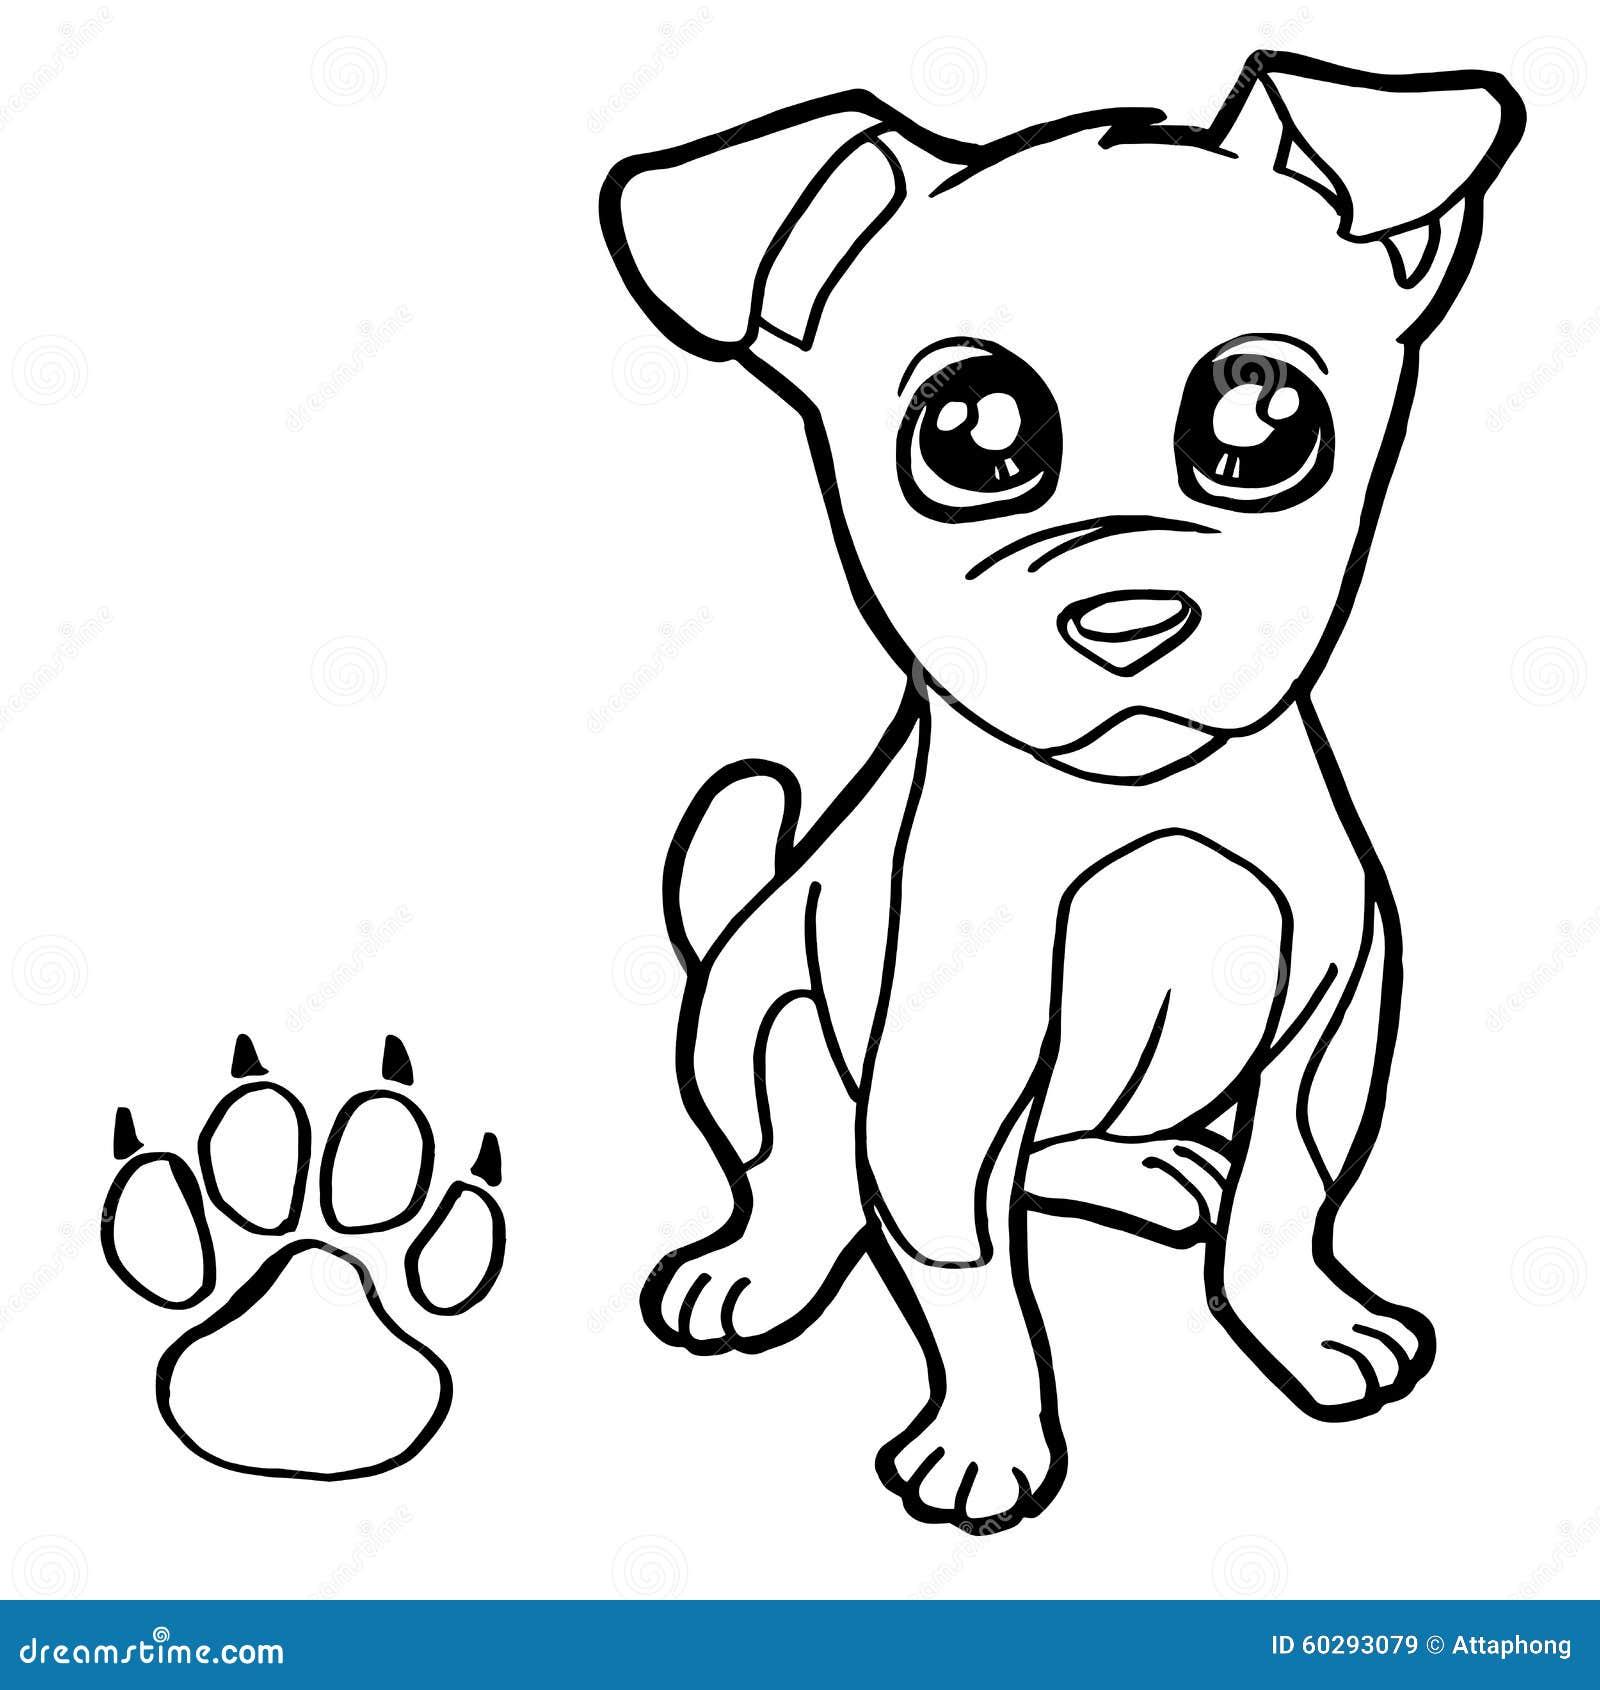 Increíble Colorear Harry El Sucio Perro Bandera - Dibujos Para ...